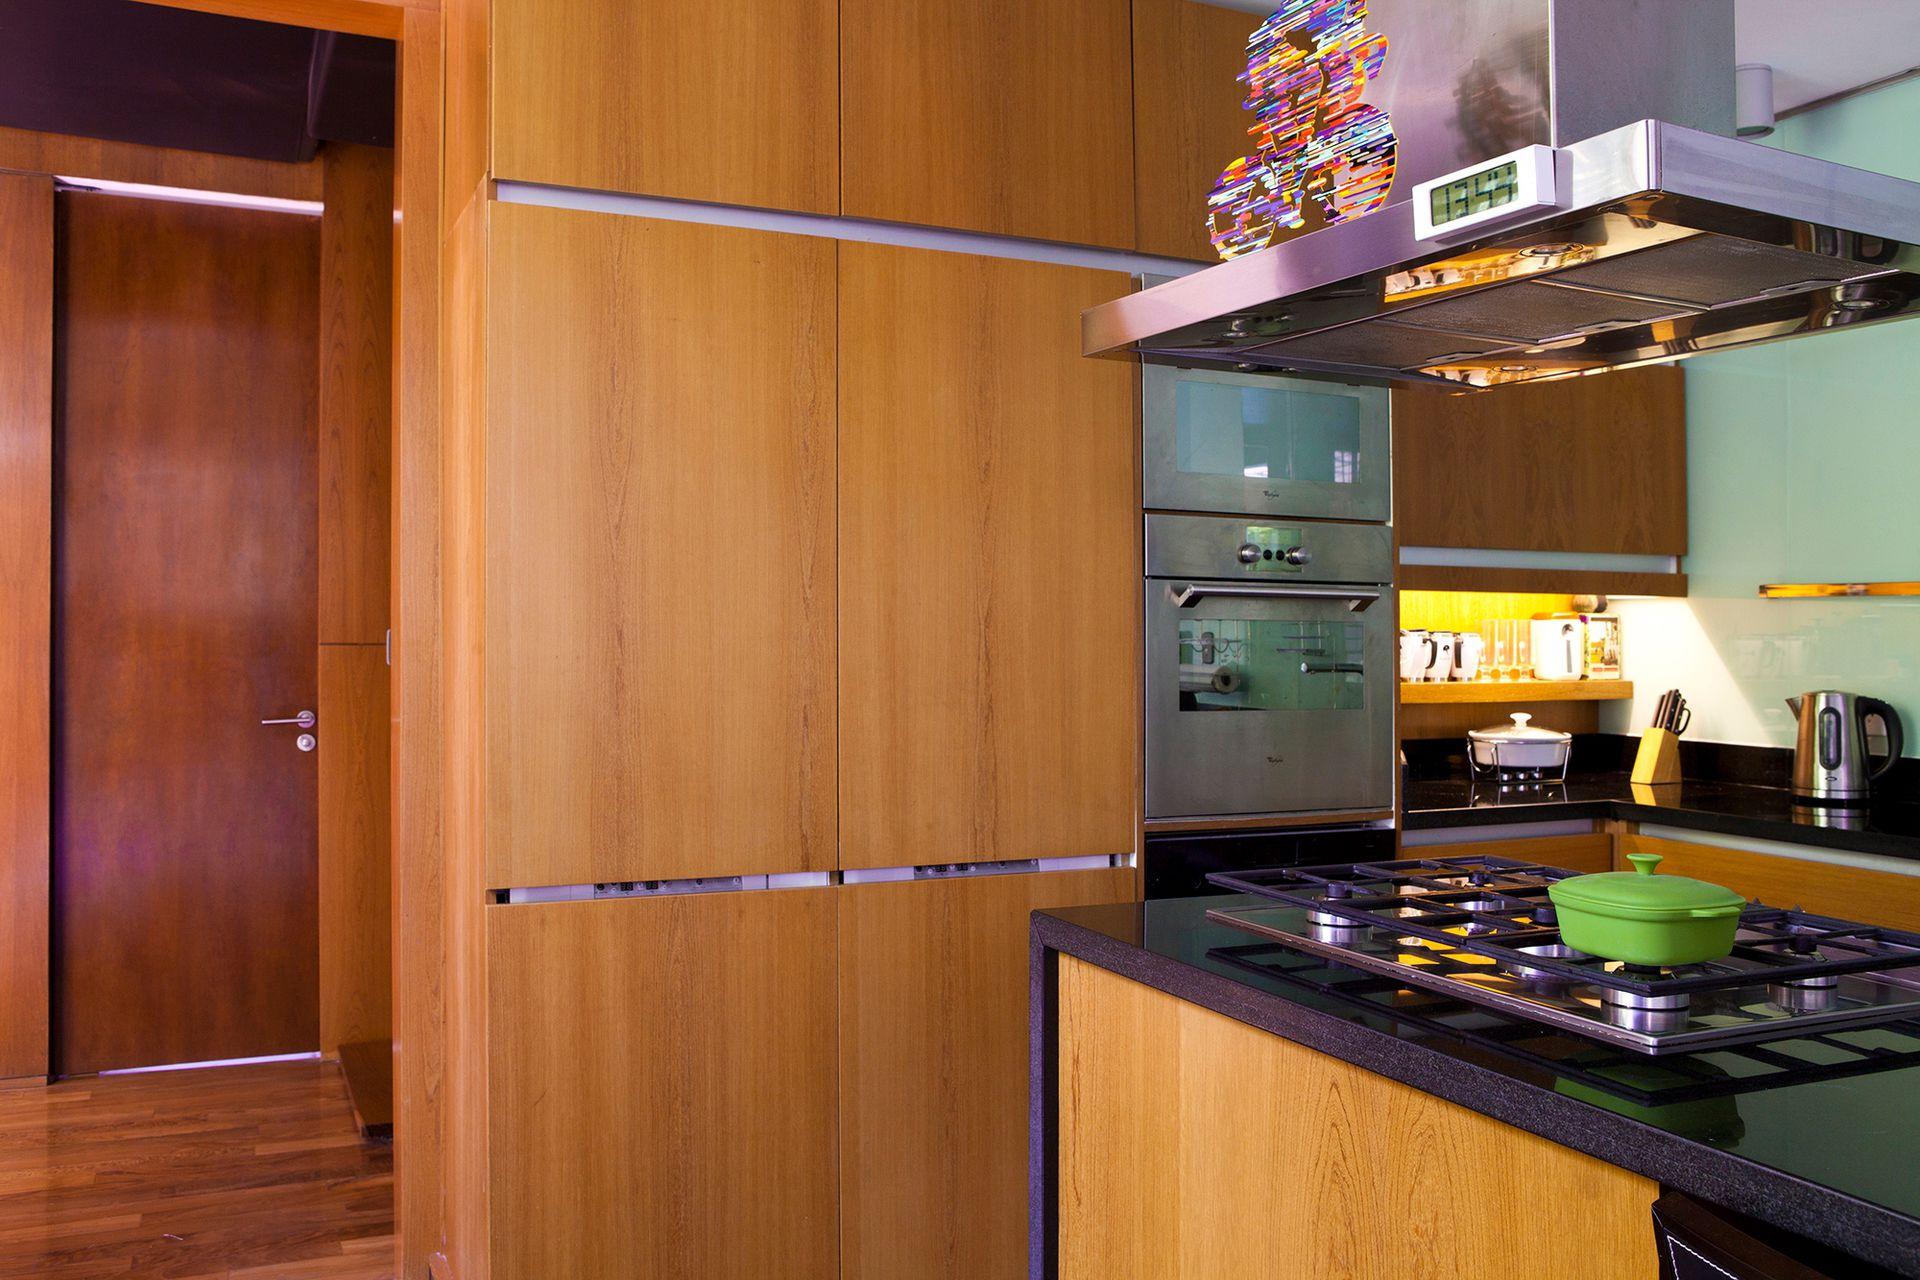 Con los metros justos, la cocina es sensacional. Tiene paneles de madera de un tinte dorado que esconden hasta las heladeras.